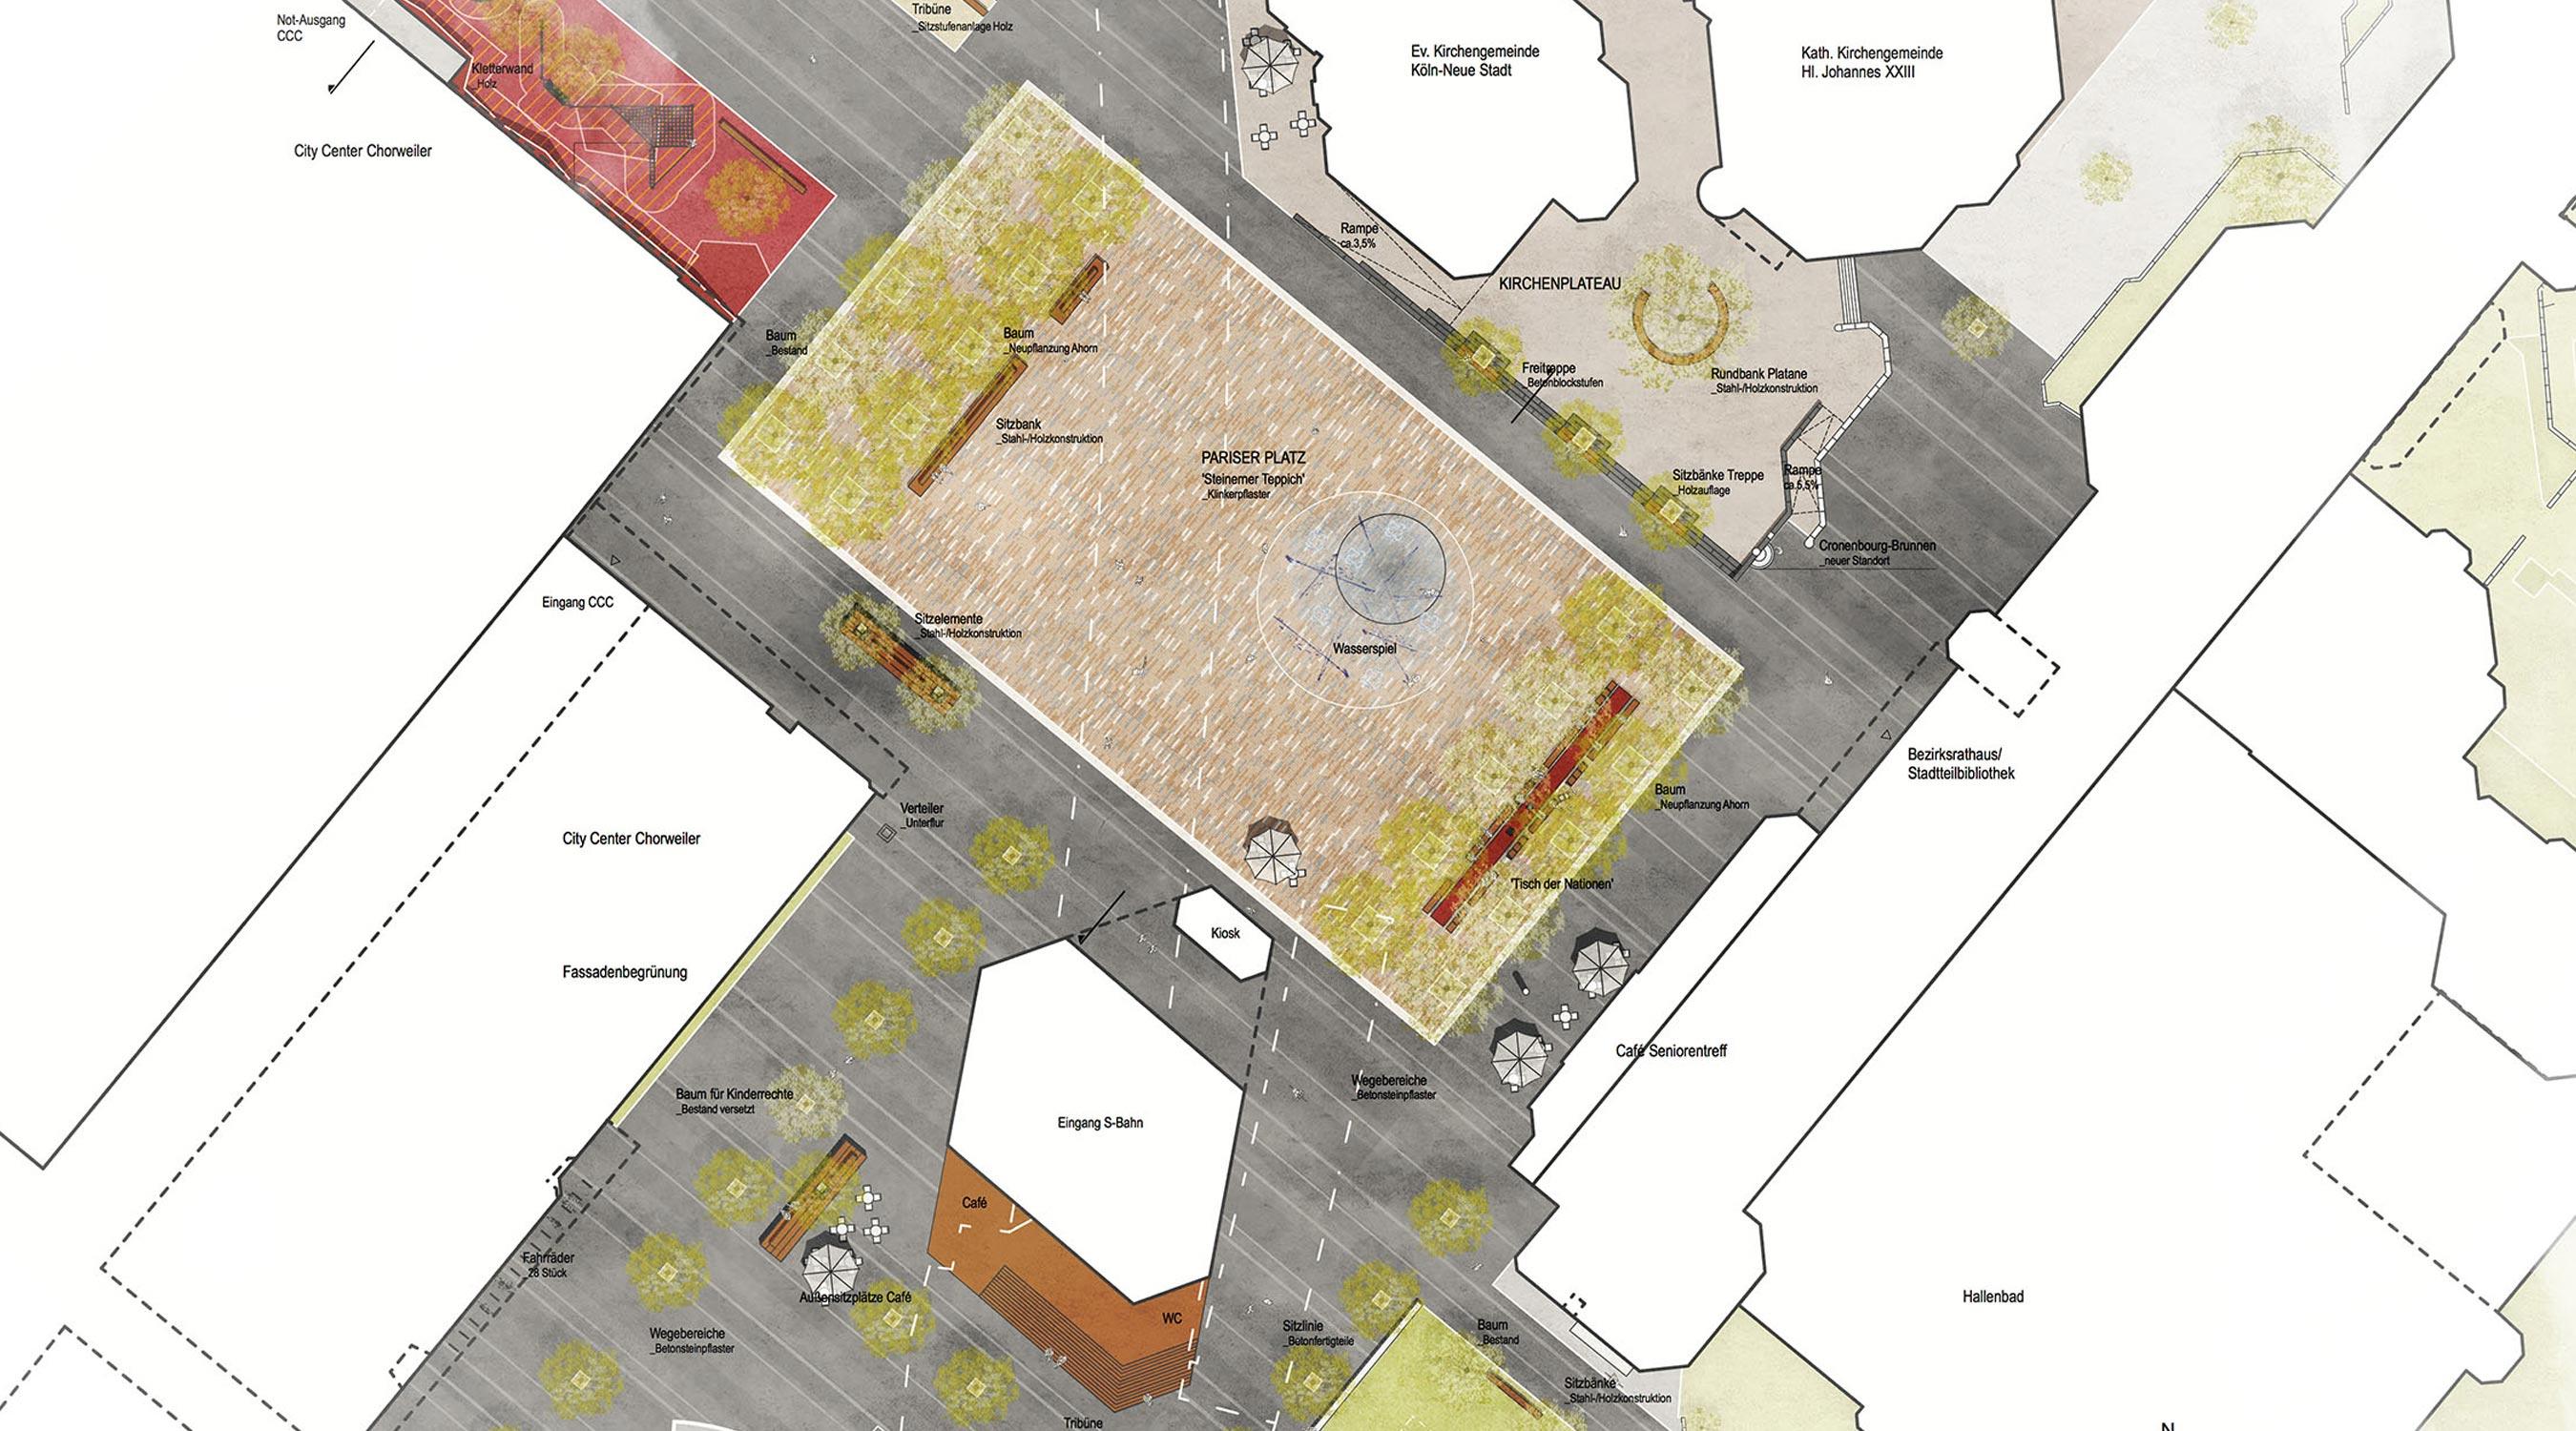 Köln Lebenswertes Chorweiler Lageplan Pariser Platz